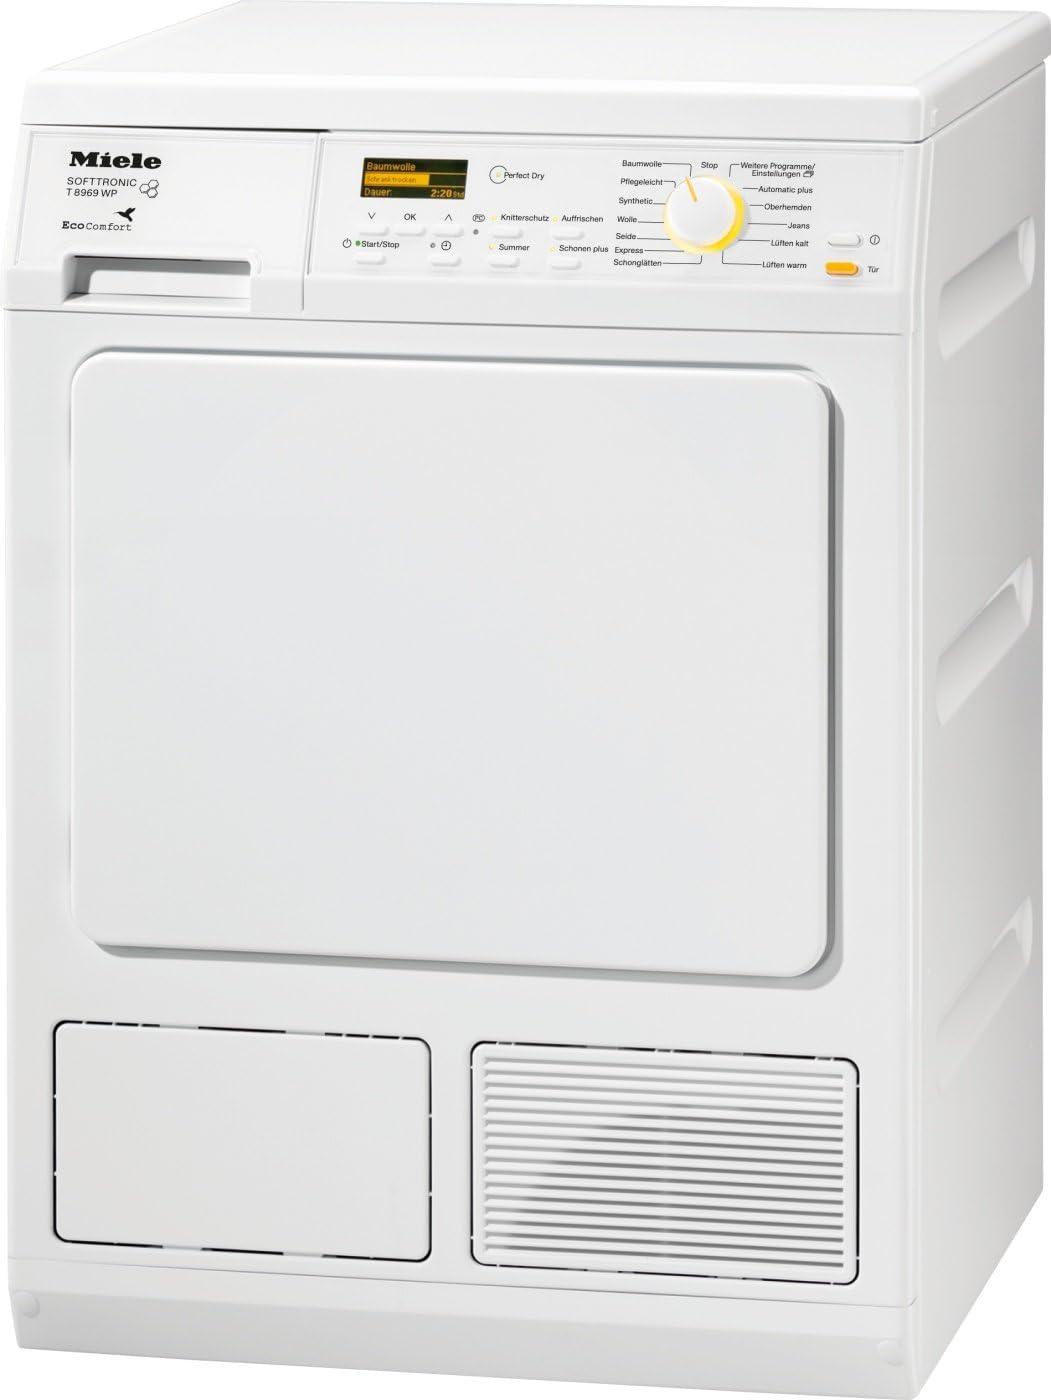 T 8976 WP EcoComfort 3x Set de filtre pour Miele T 8969 WP